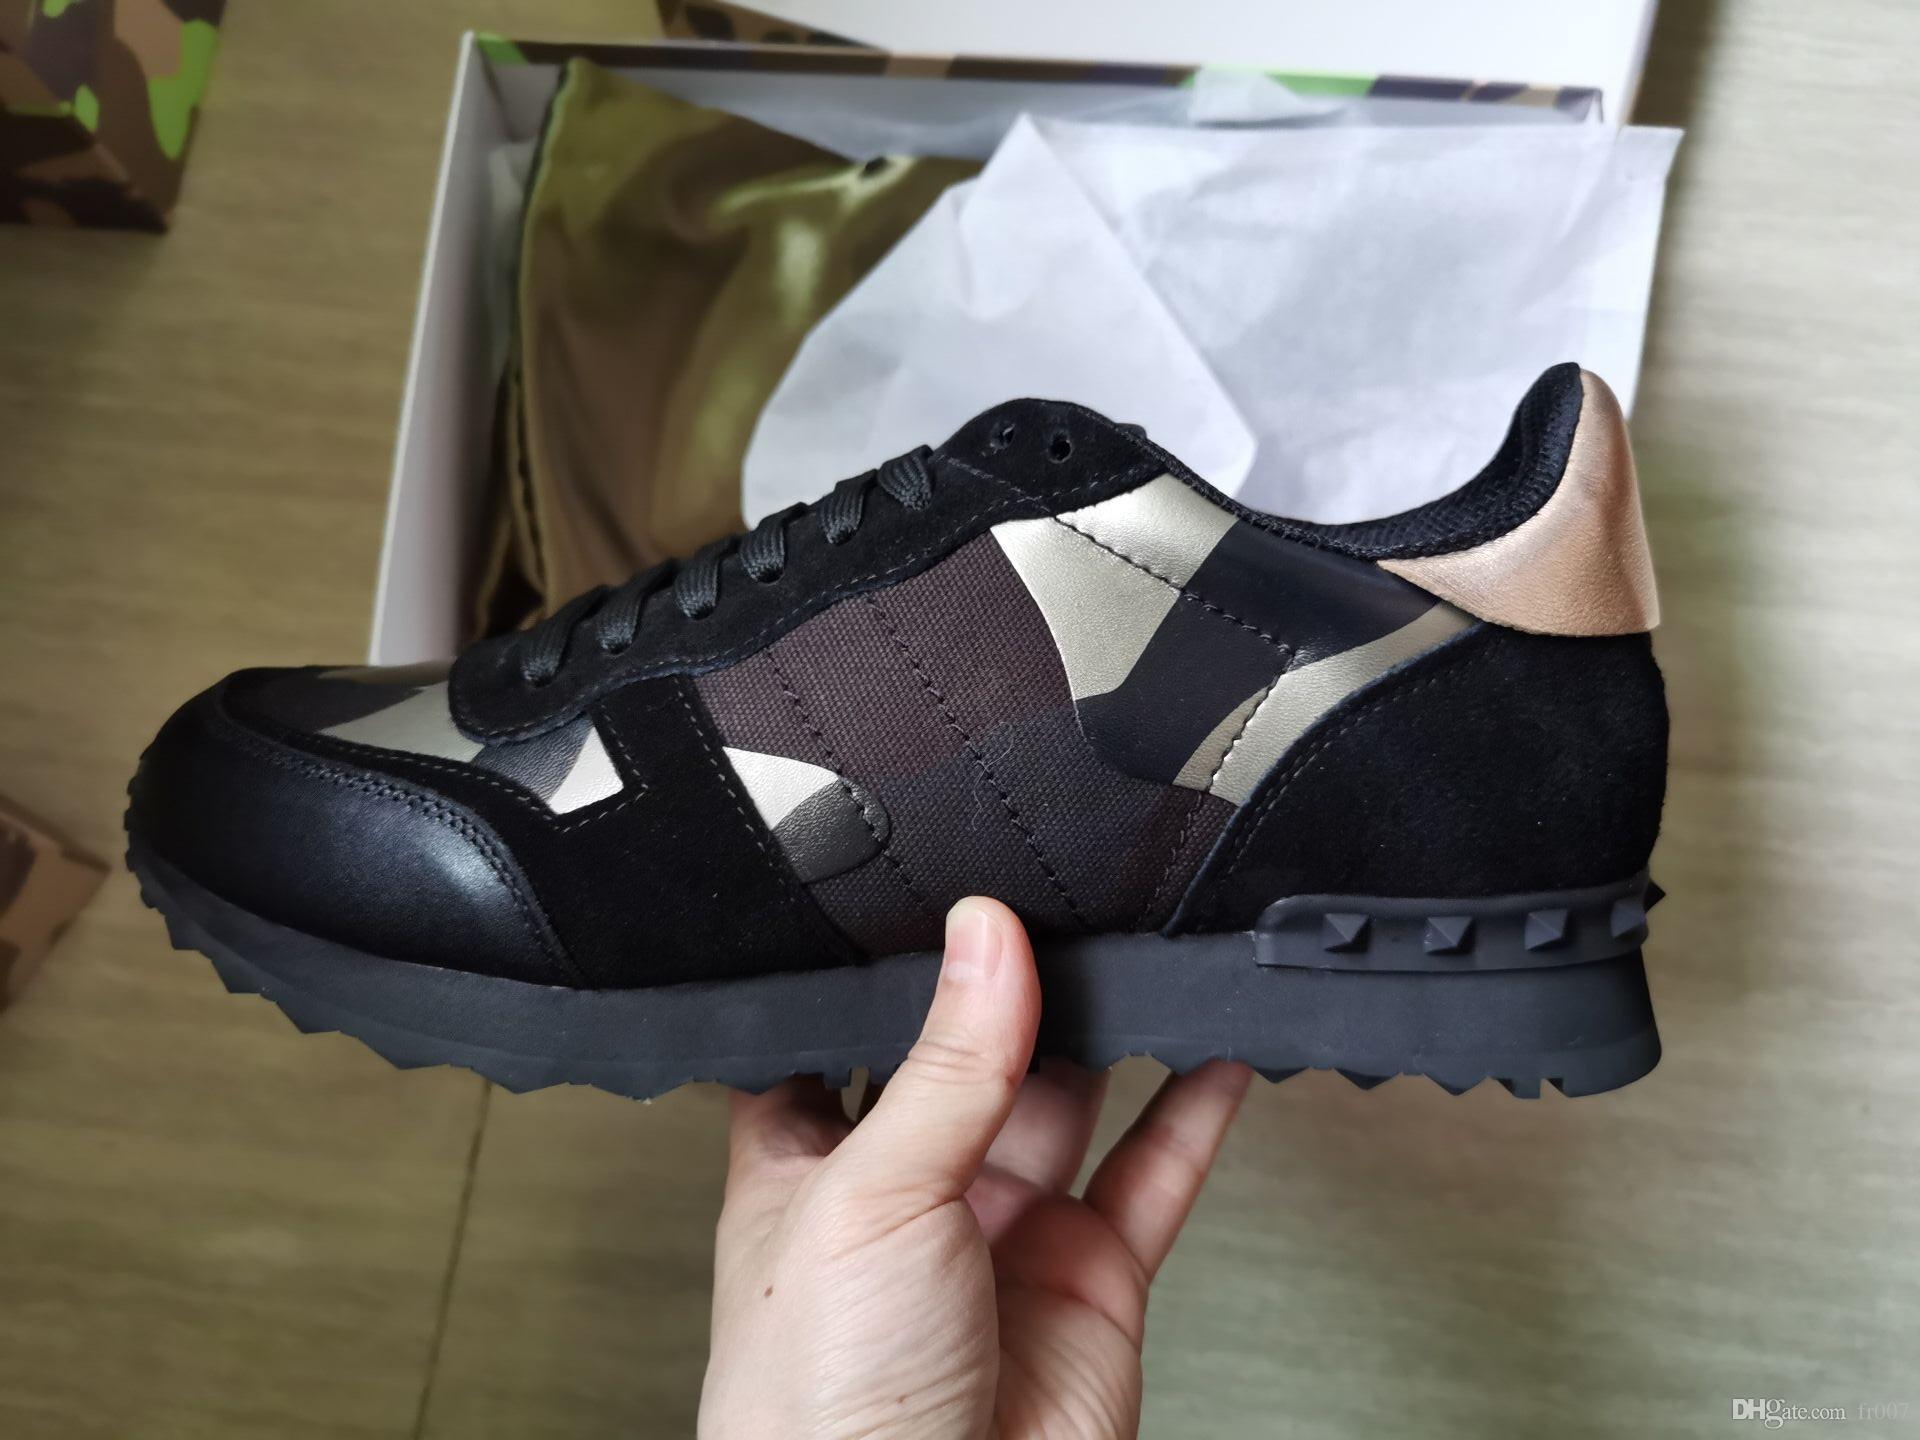 Top Nuovo Colore Fashion Lover Designer Rock Stud Sneaker Scarpe Donna Uomo Marca Scarpe Casual Rock Appartamenti Scarpe